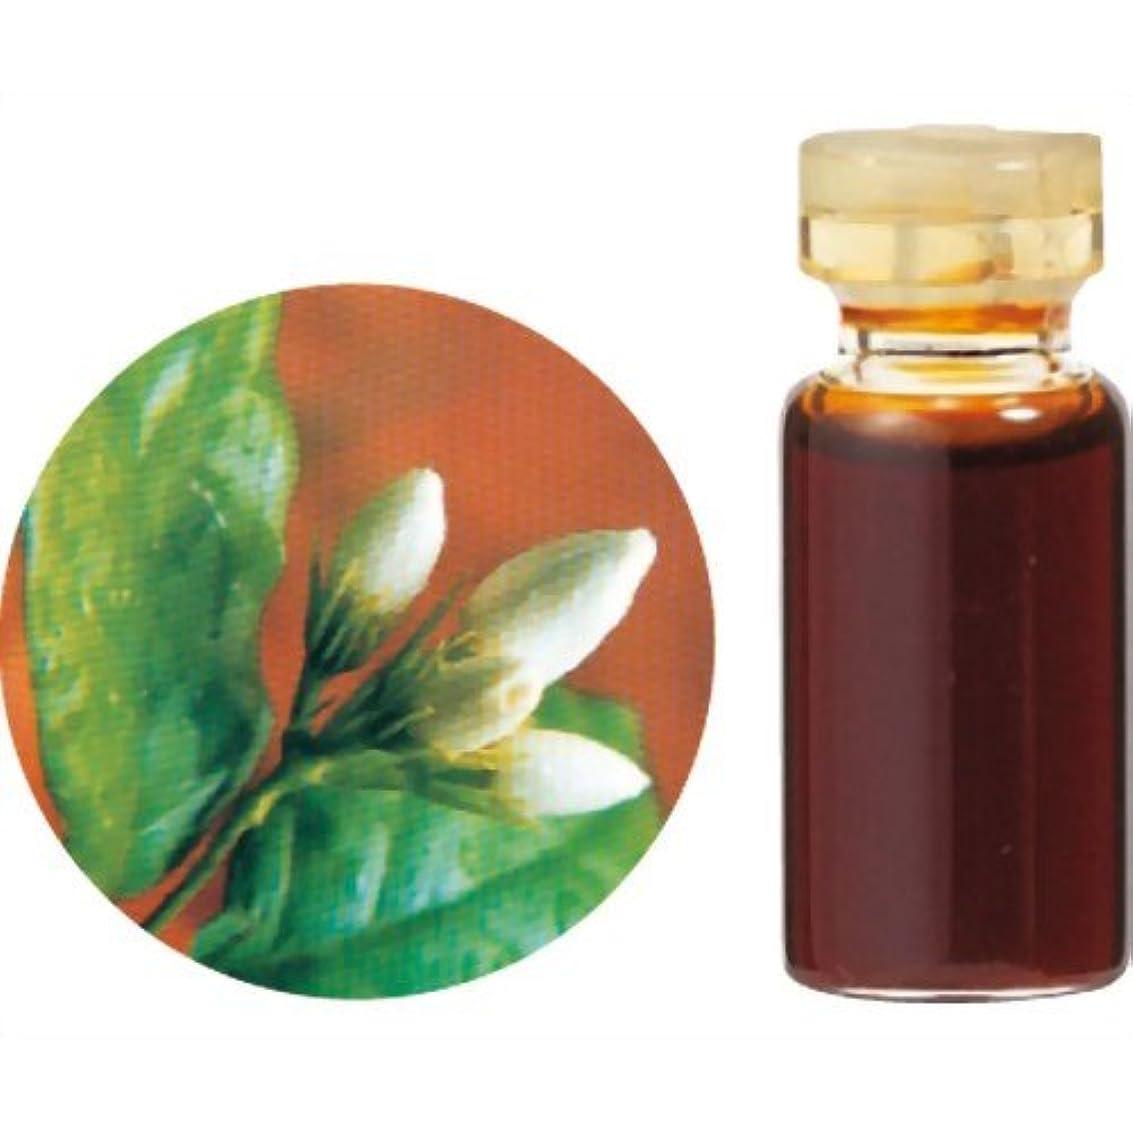 安らぎベアリング微視的生活の木 C 花精油 ジャスミン サンバック アブソリュート エッセンシャルオイル 3ml